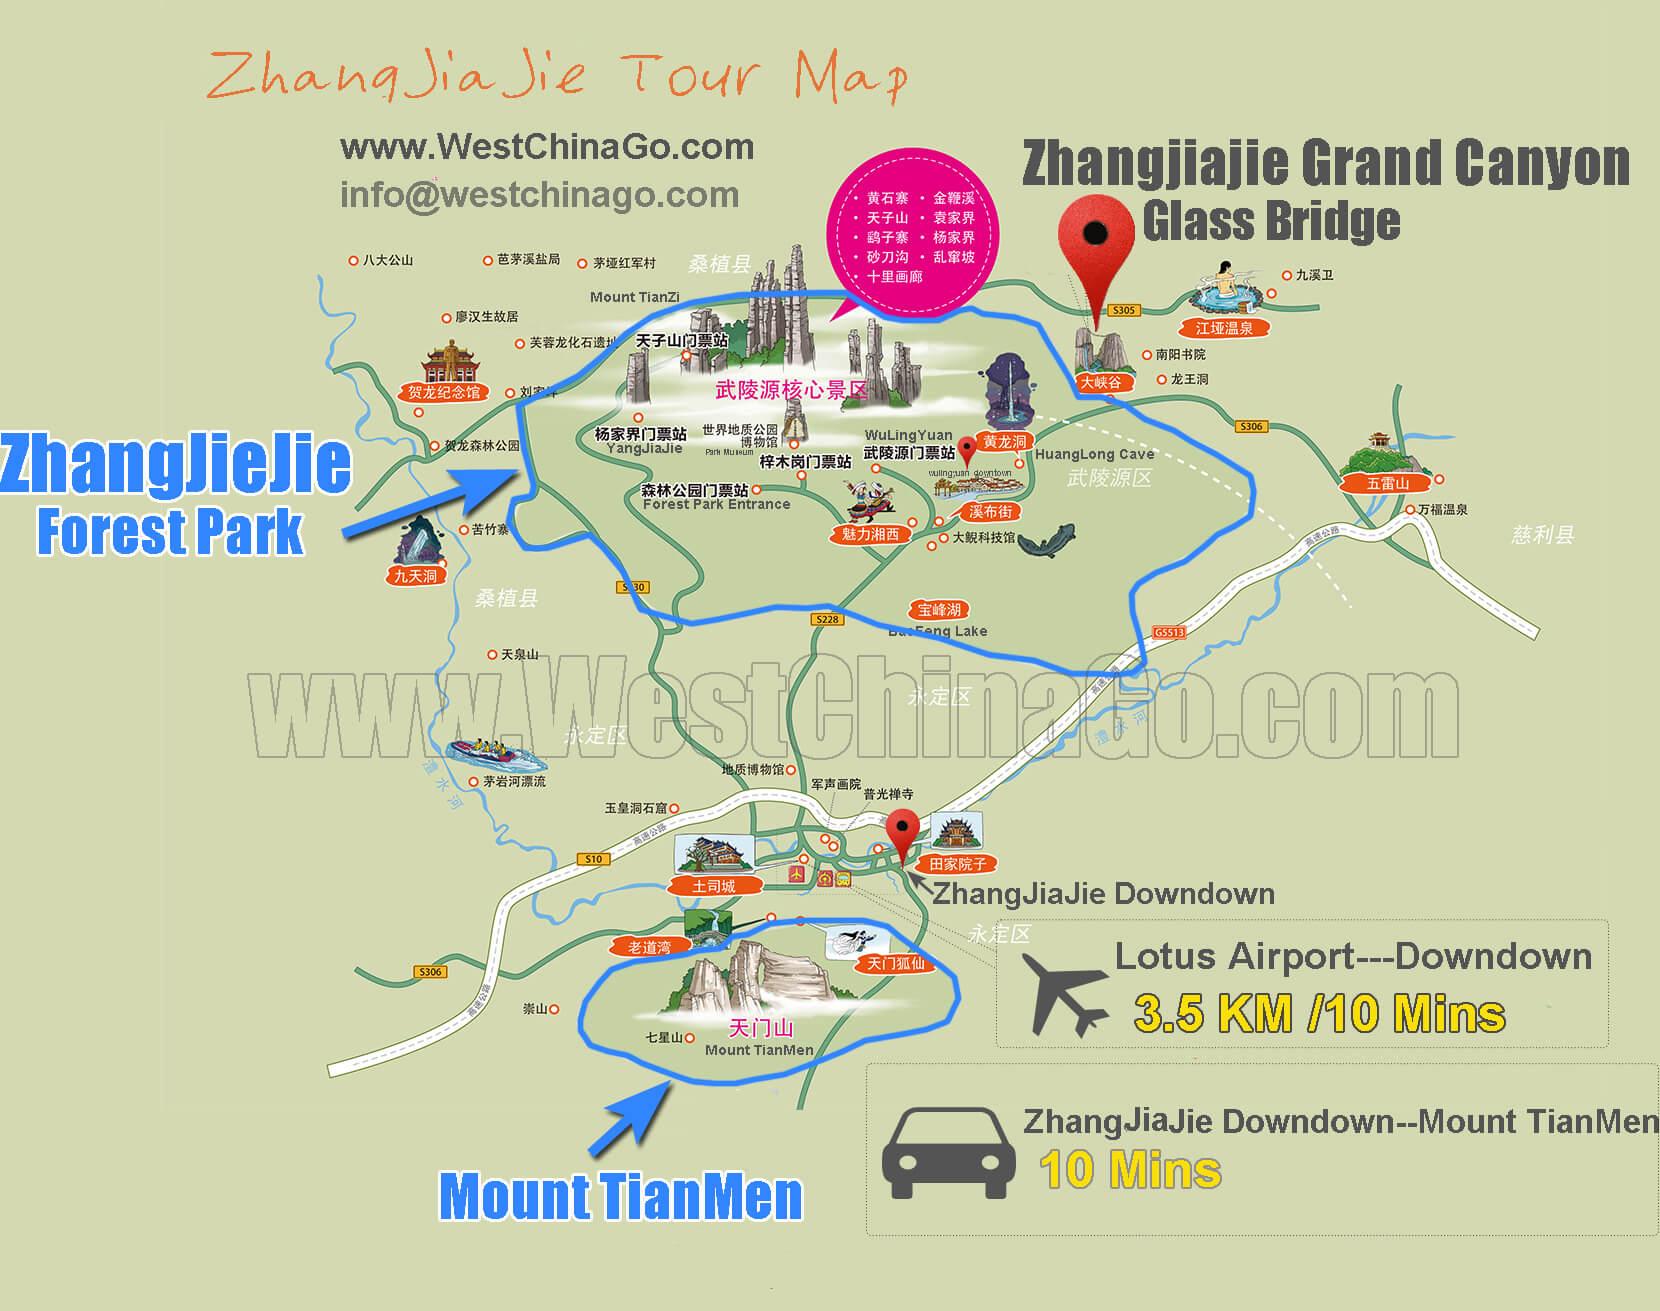 zhangjiajie tour map